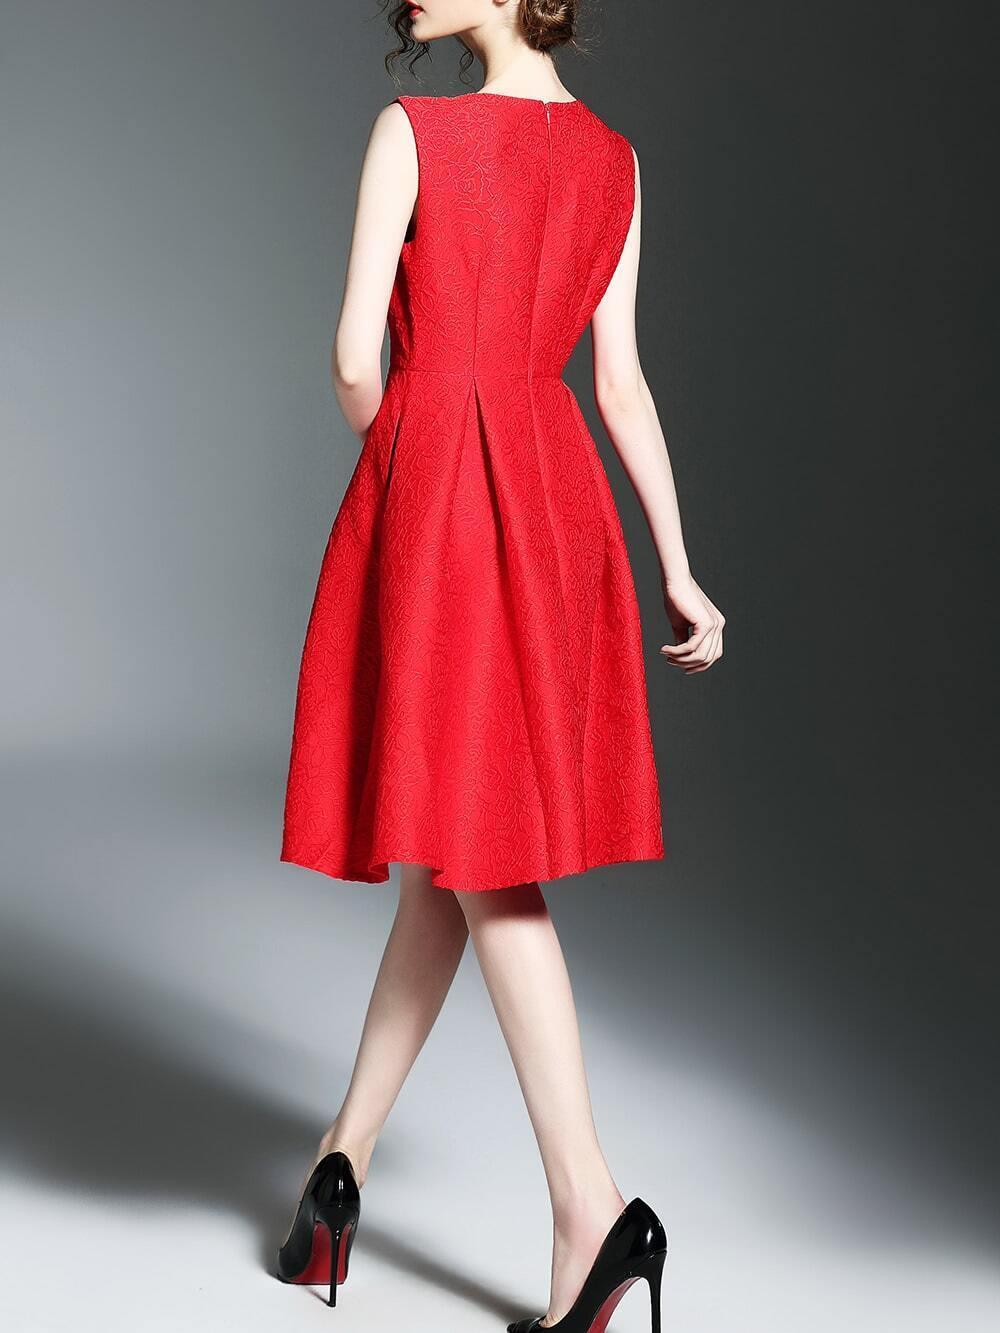 Red Crew Neck Jacquard A-Line Dress -SheIn(Sheinside)